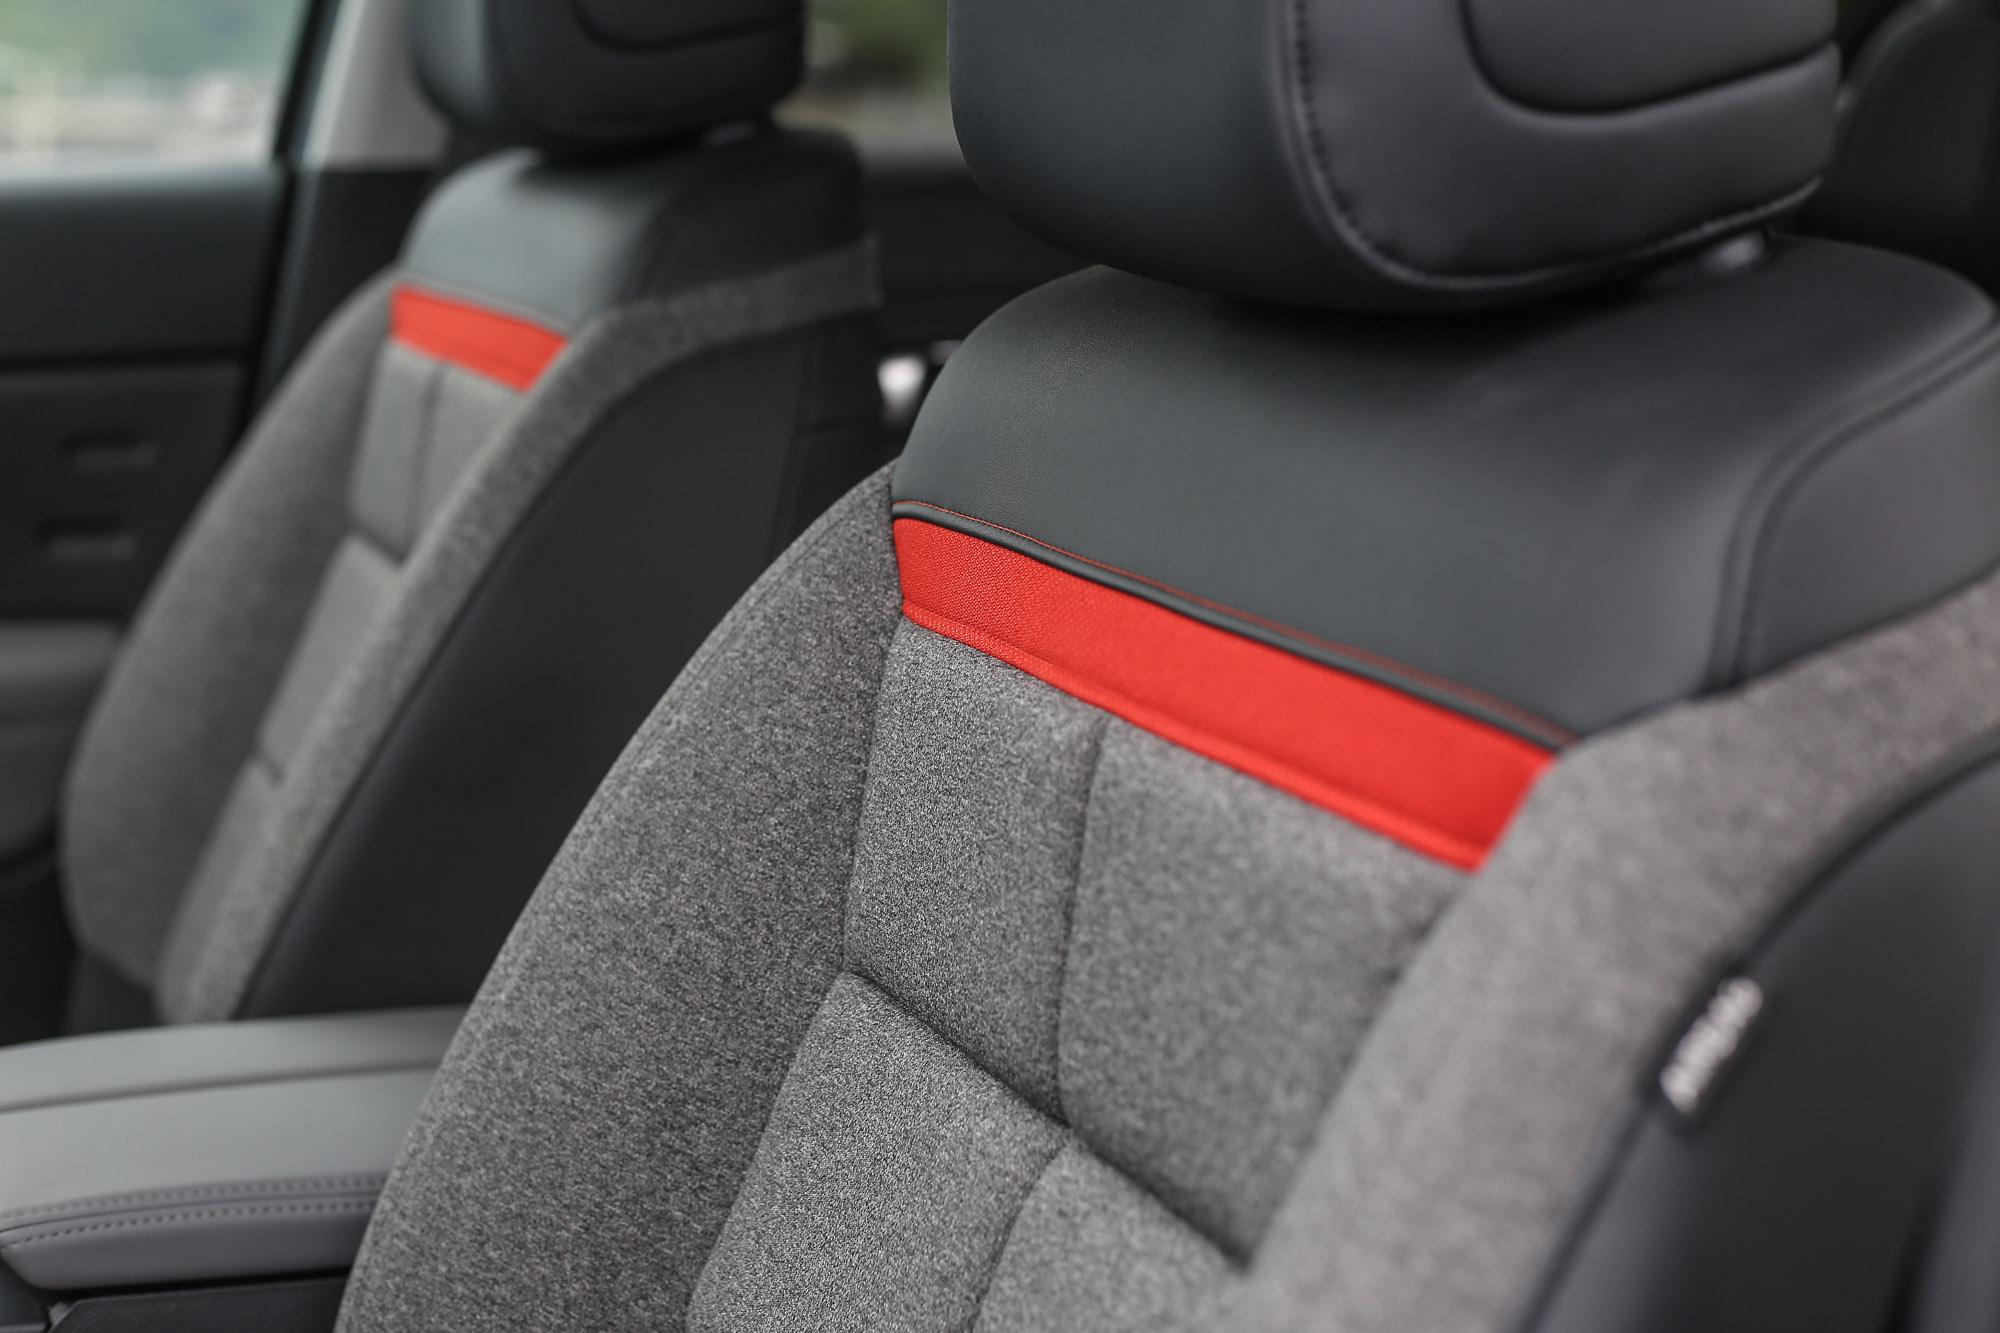 半皮步座椅,色彩的調和就是讓人這麼舒適又具設計亮點。